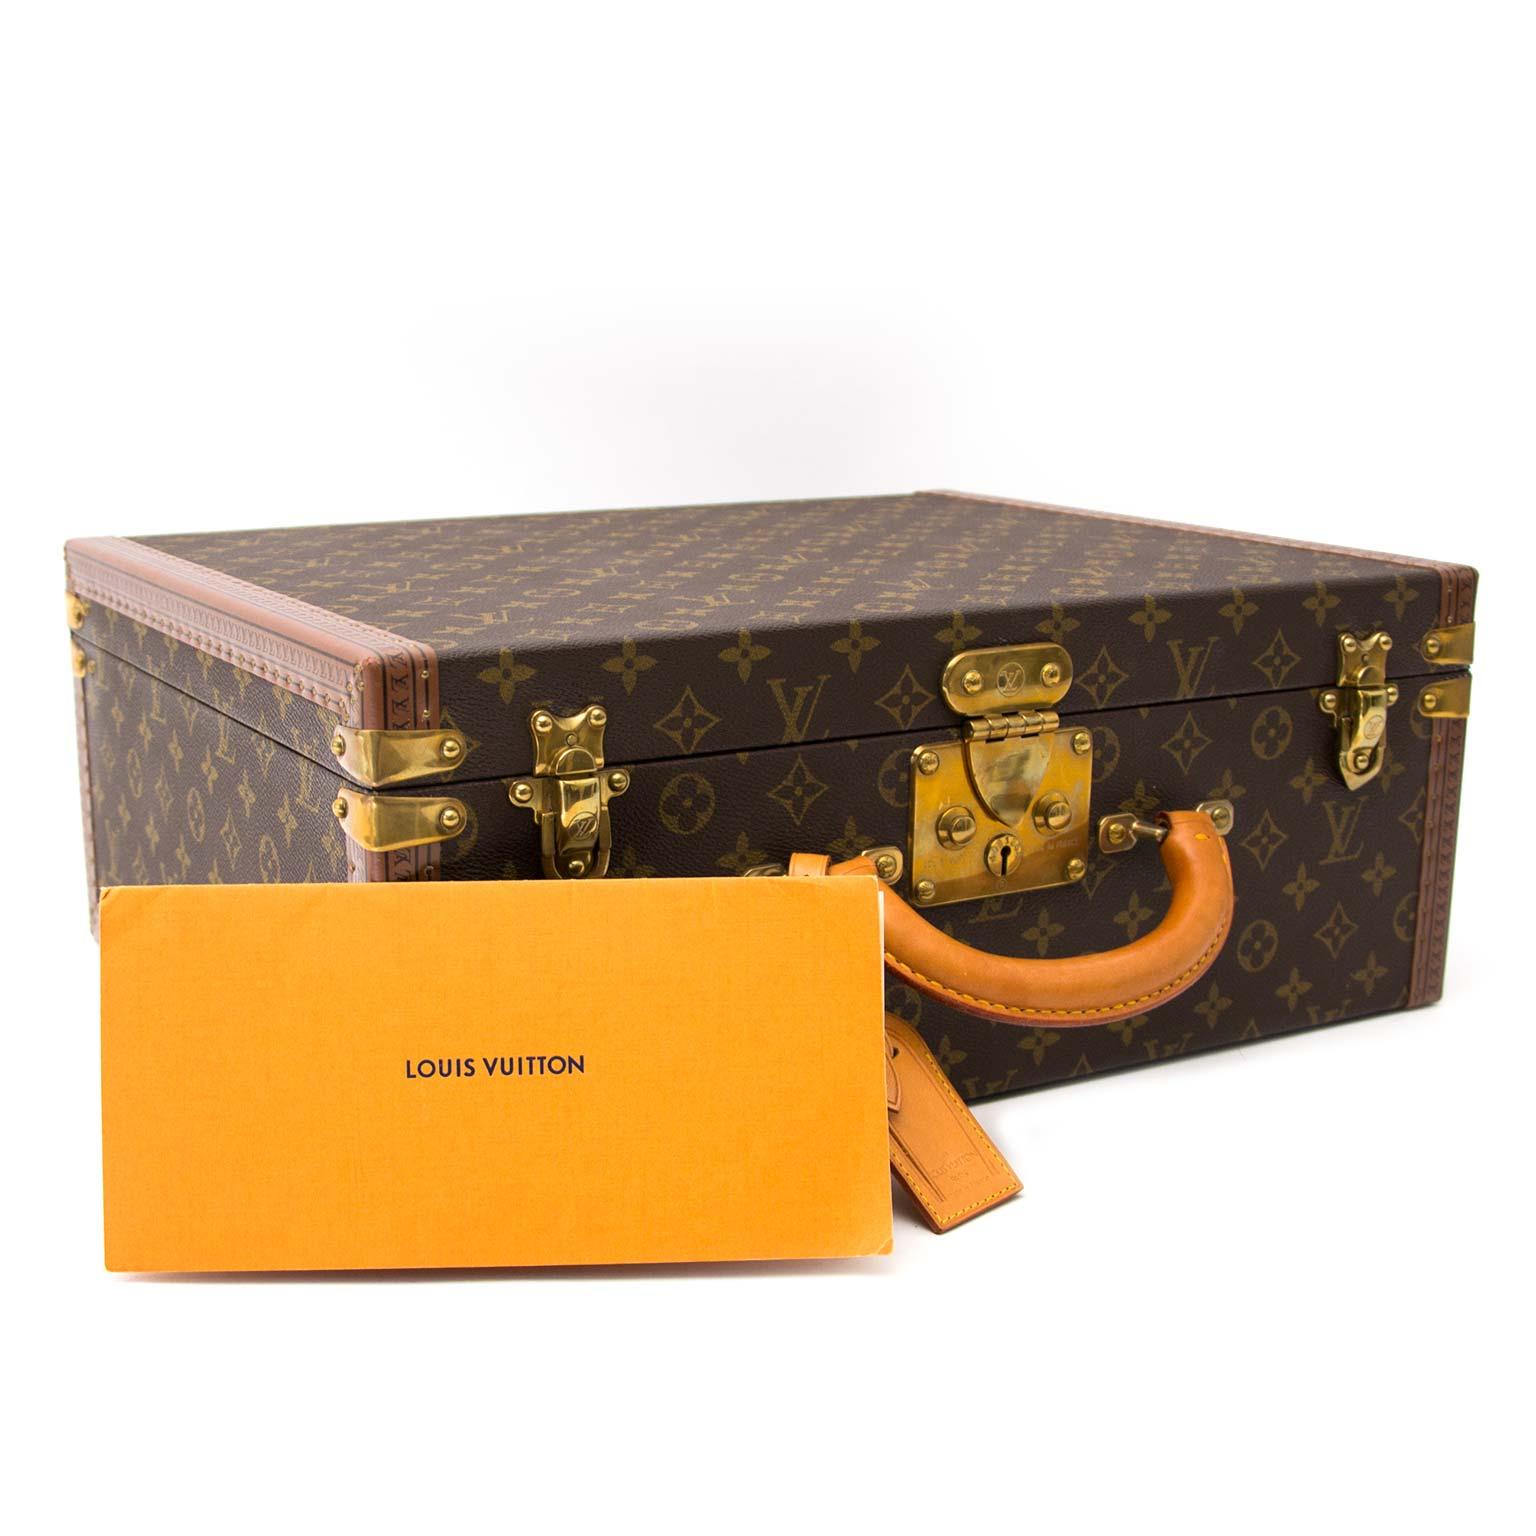 Koop uw authentieke Louis Vuitton Super President Monogram Briefcase aan de beste prijs bij Labellov